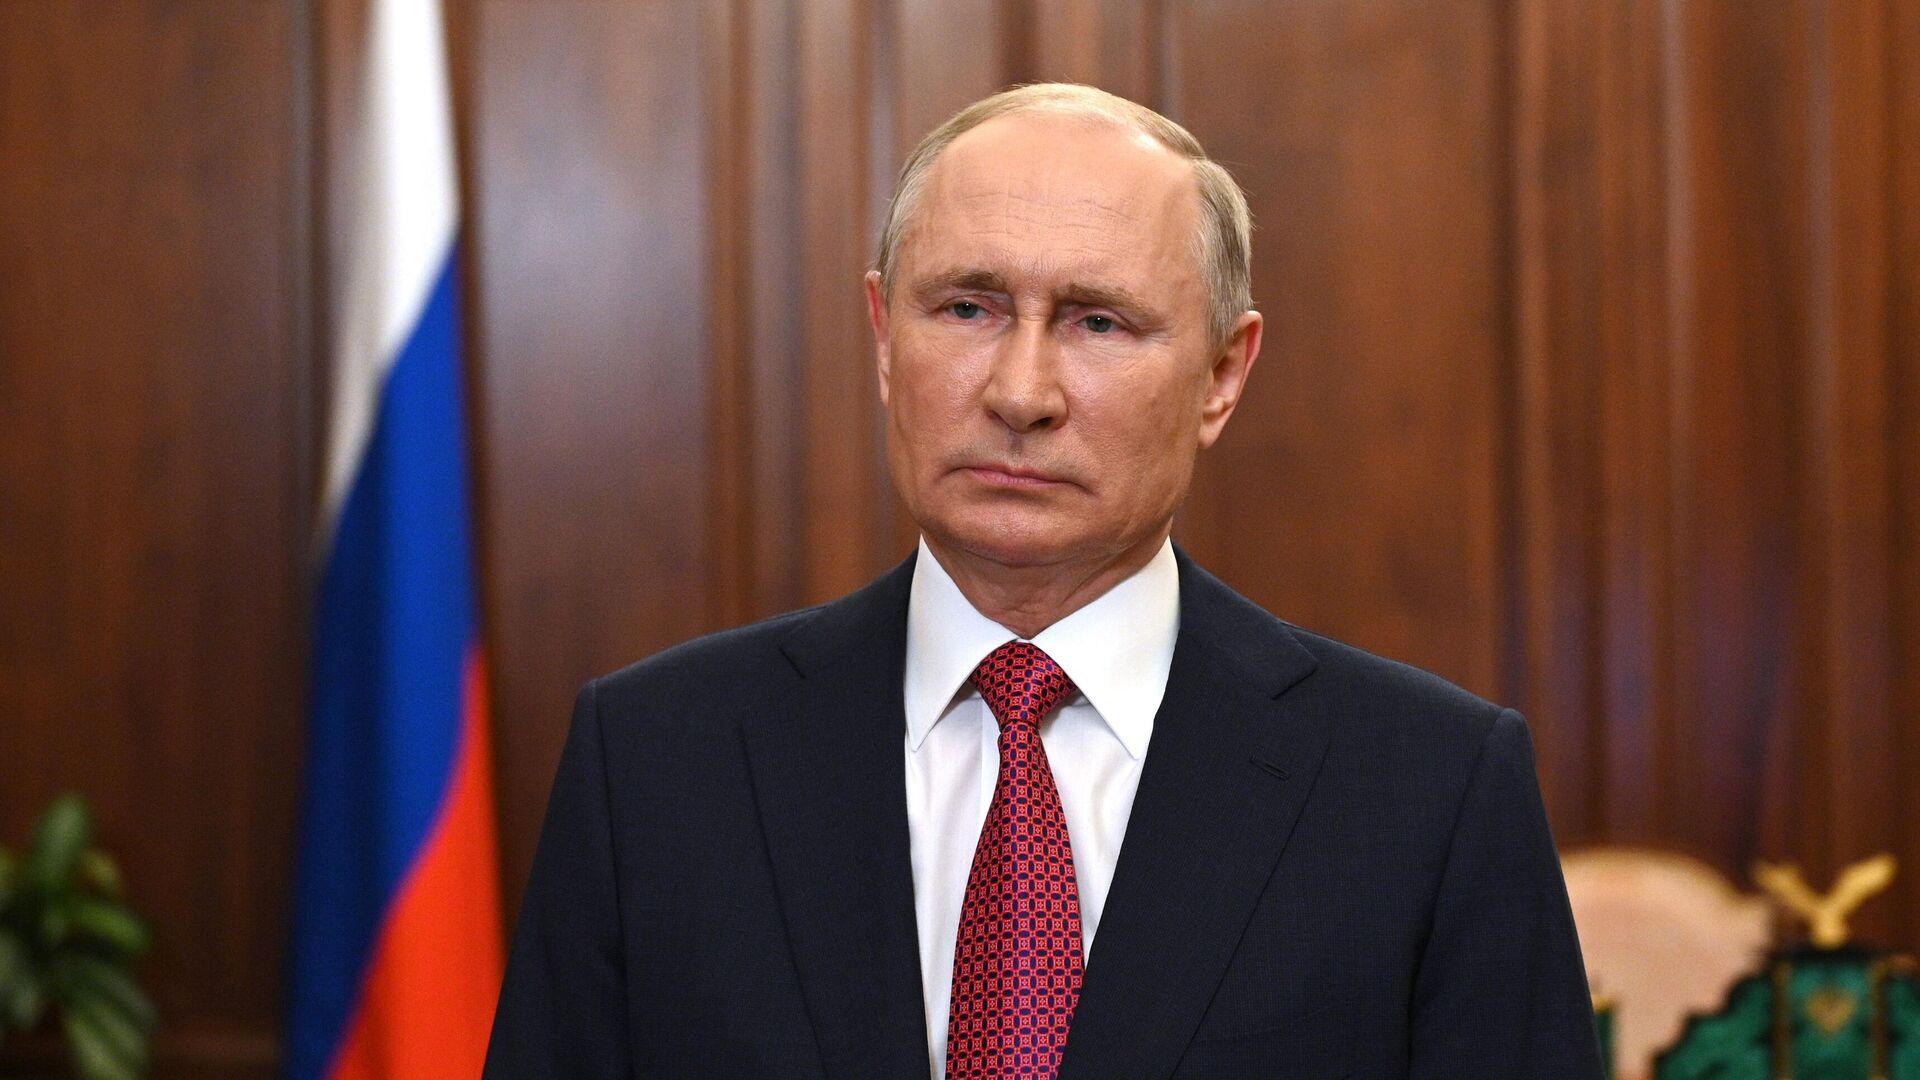 Президент РФ Владимир Путин во время видеообращения - Sputnik Тоҷикистон, 1920, 13.10.2021